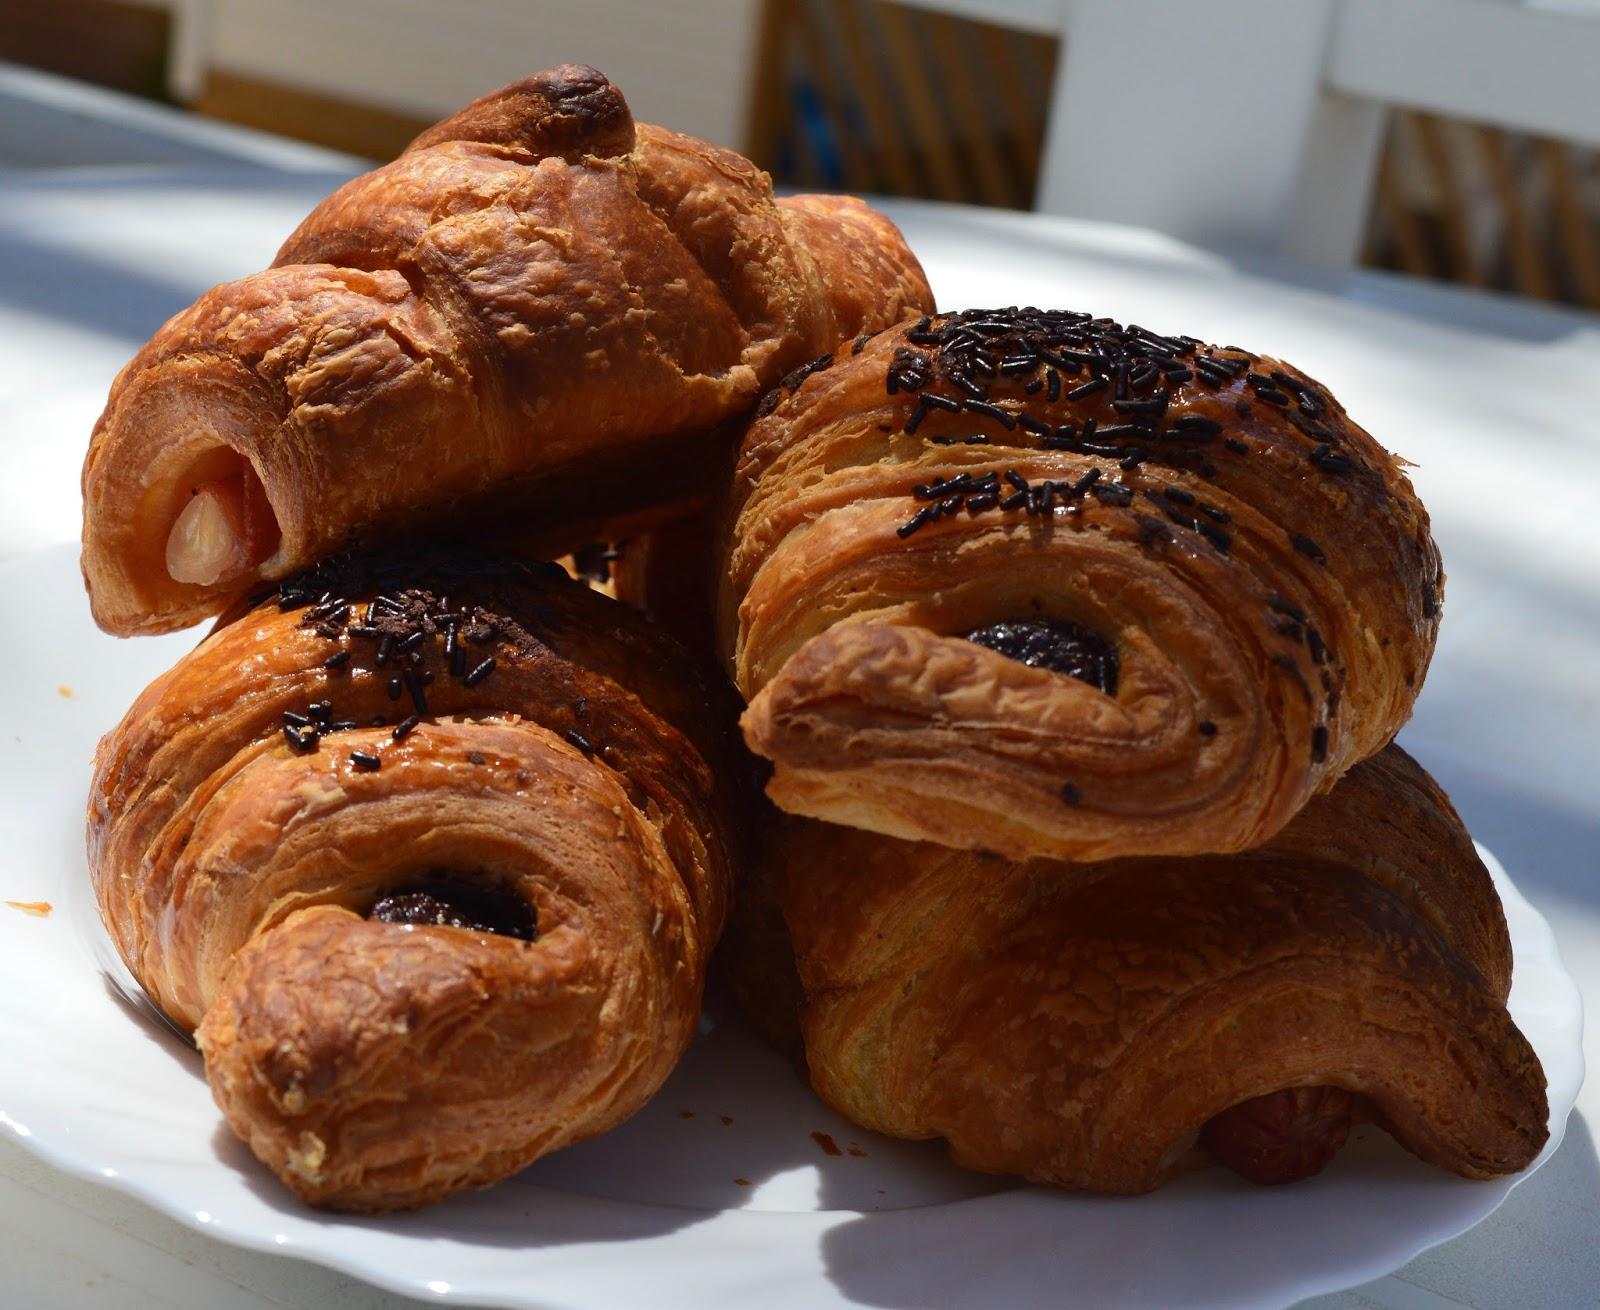 Camping La Siesta, Calella de Palafrugell, Costa Brava - a review - bakery